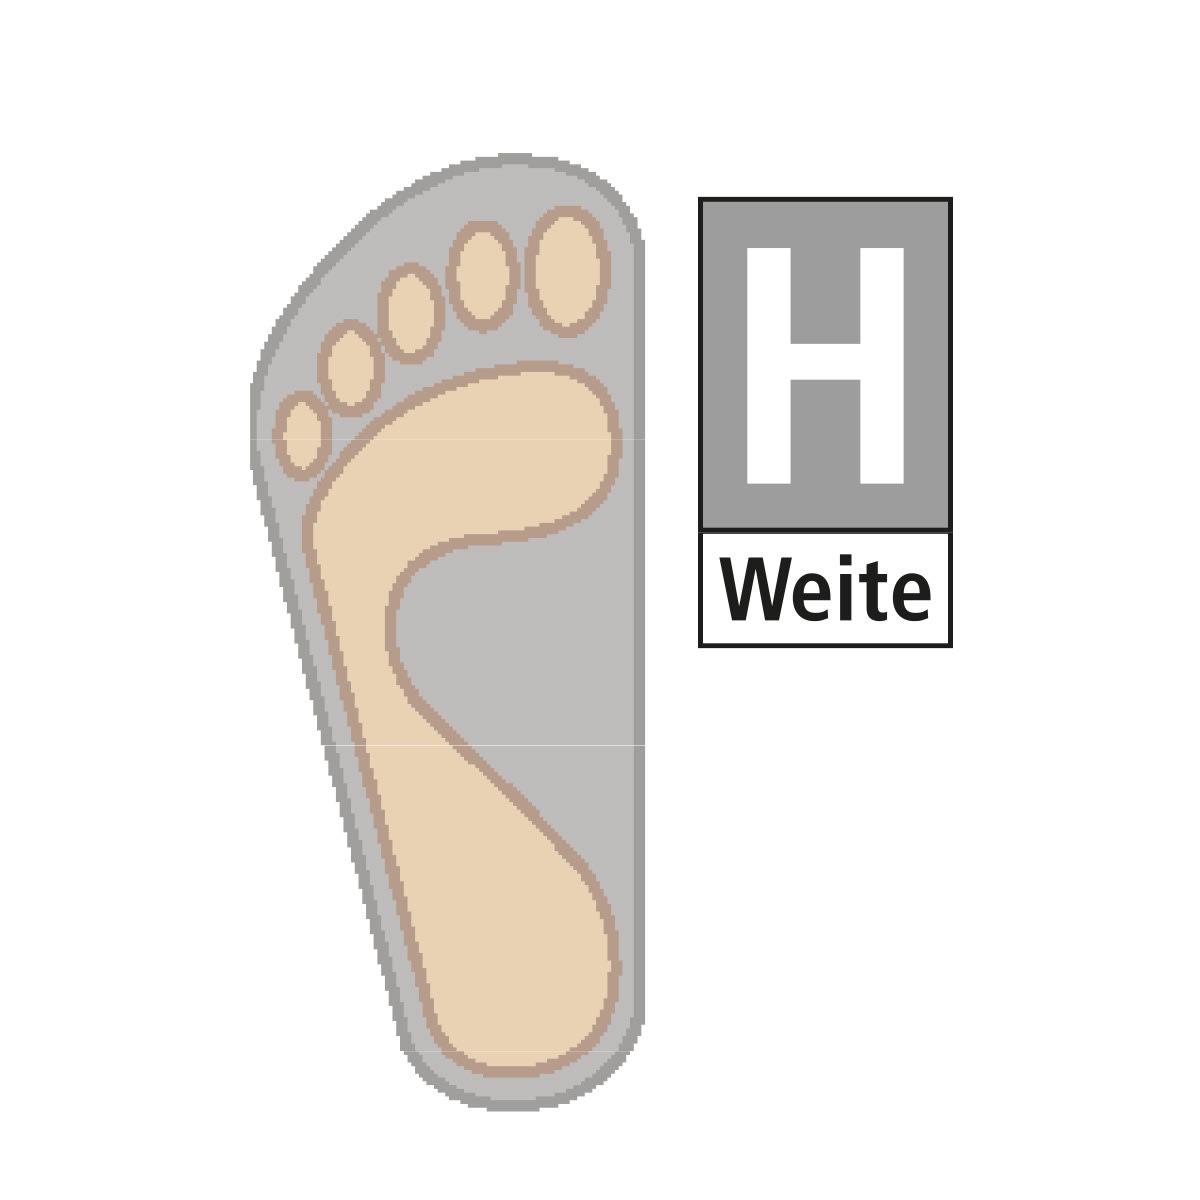 Masstabelle Schuhe Starker Fuss